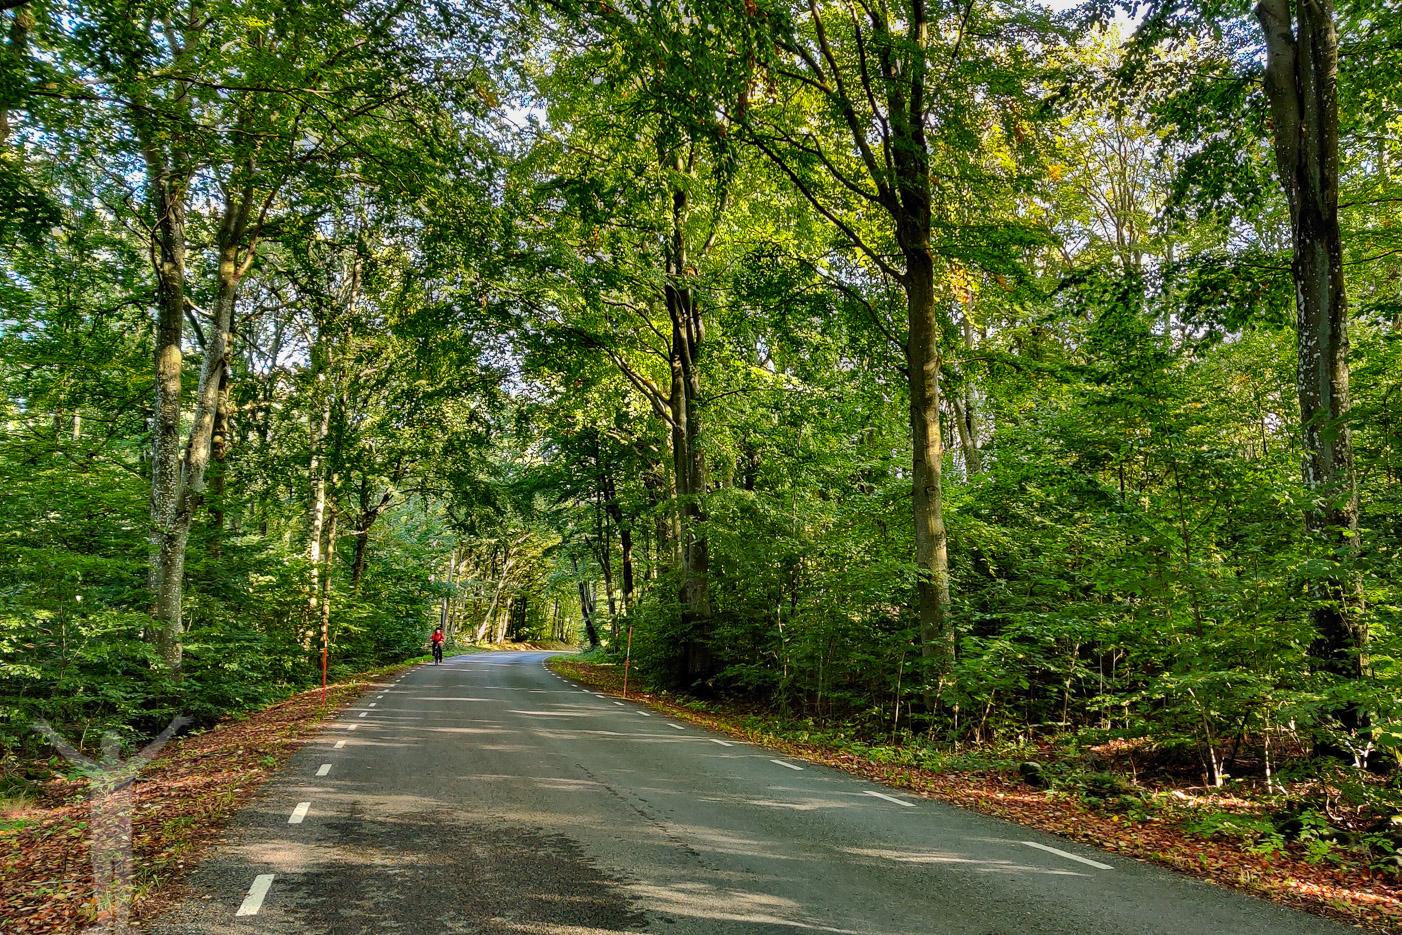 Hängande lövgrönska ovanför vägen